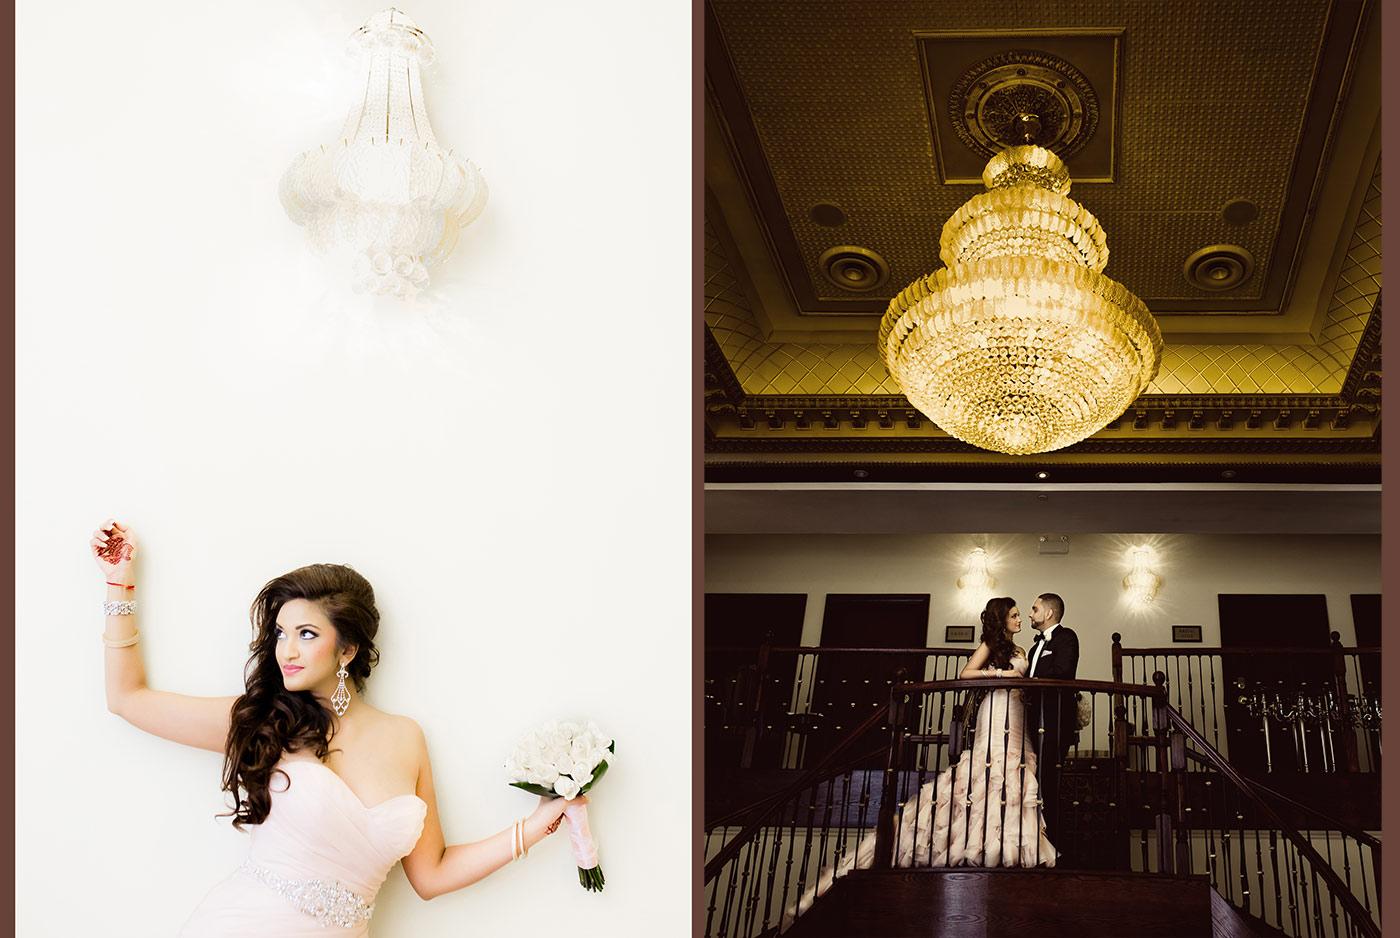 Toronto Catholic wedding photographers